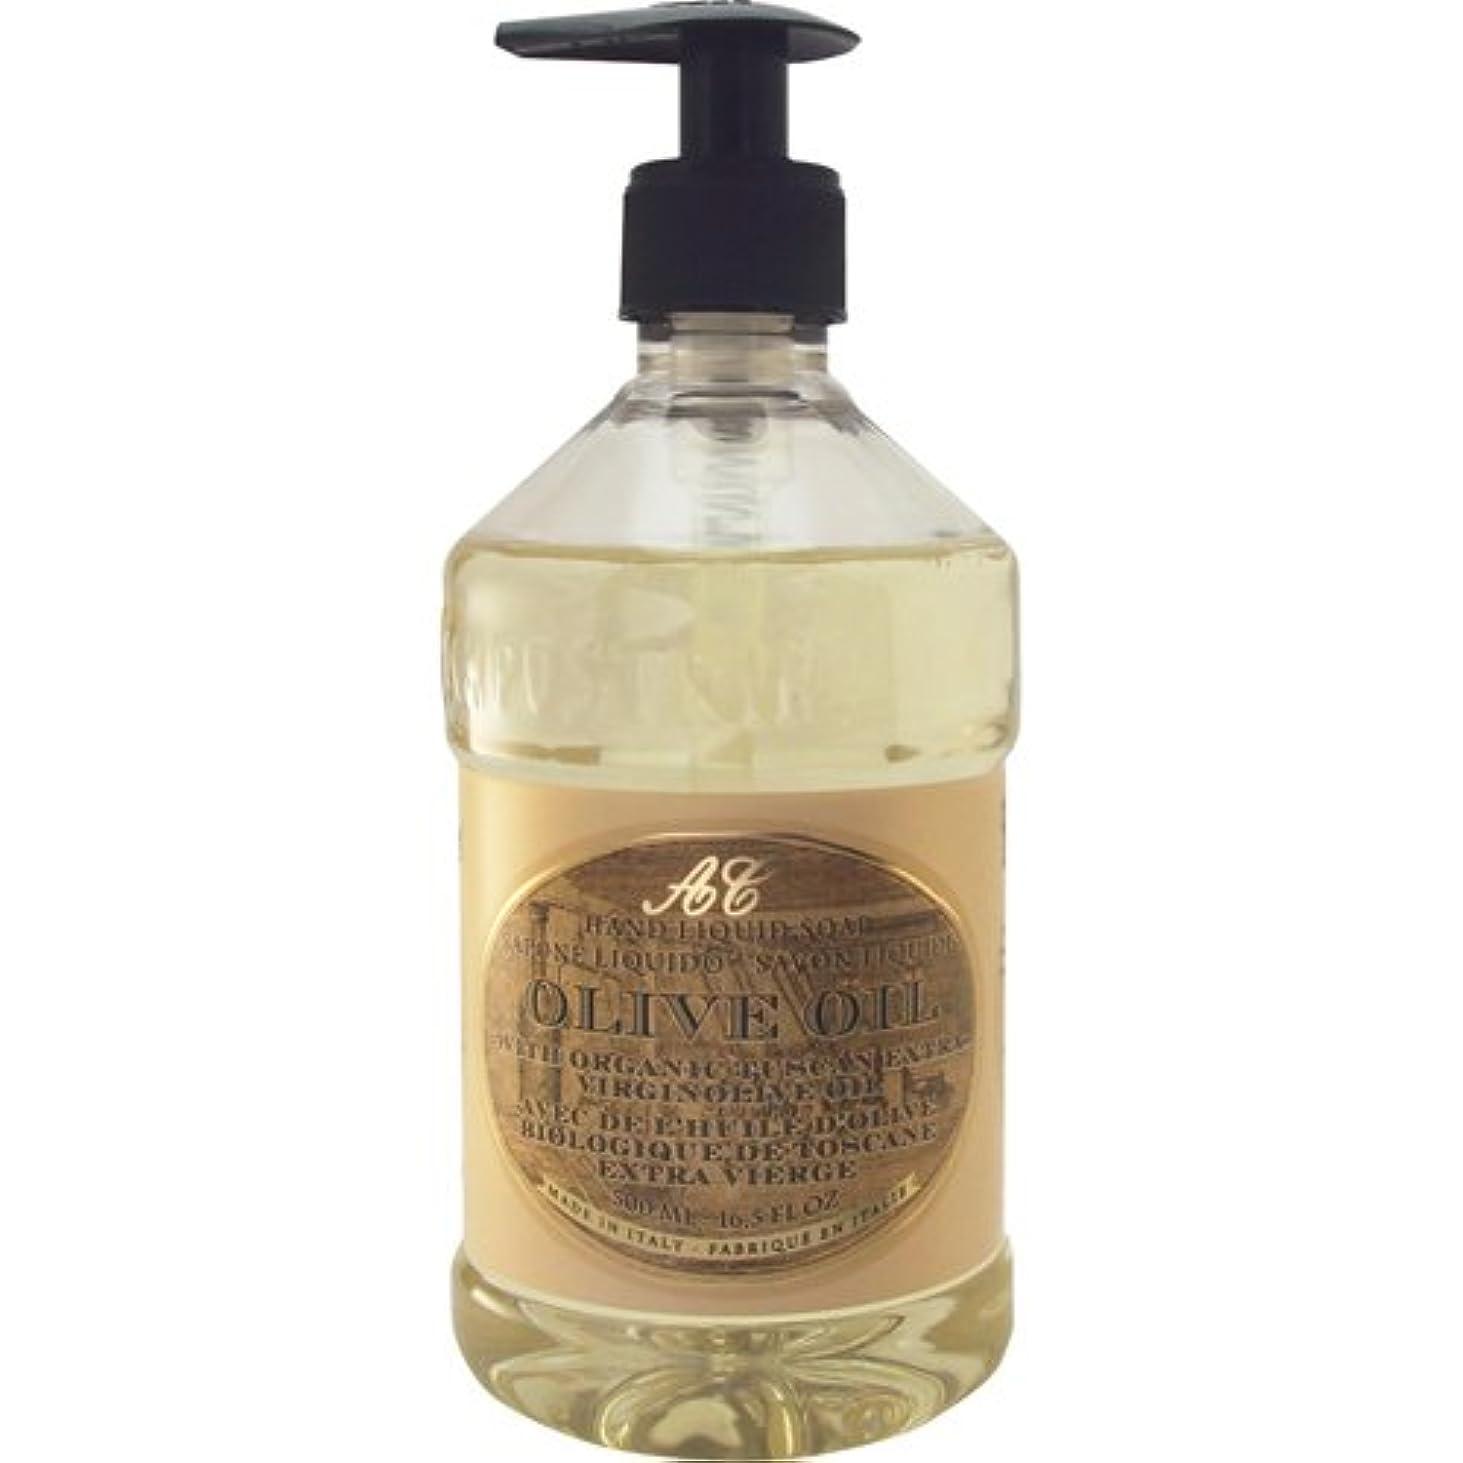 破壊特徴浜辺Saponerire Fissi レトロシリーズ Liquid Soap リキッドソープ 500ml Olive Oil オリーブオイル